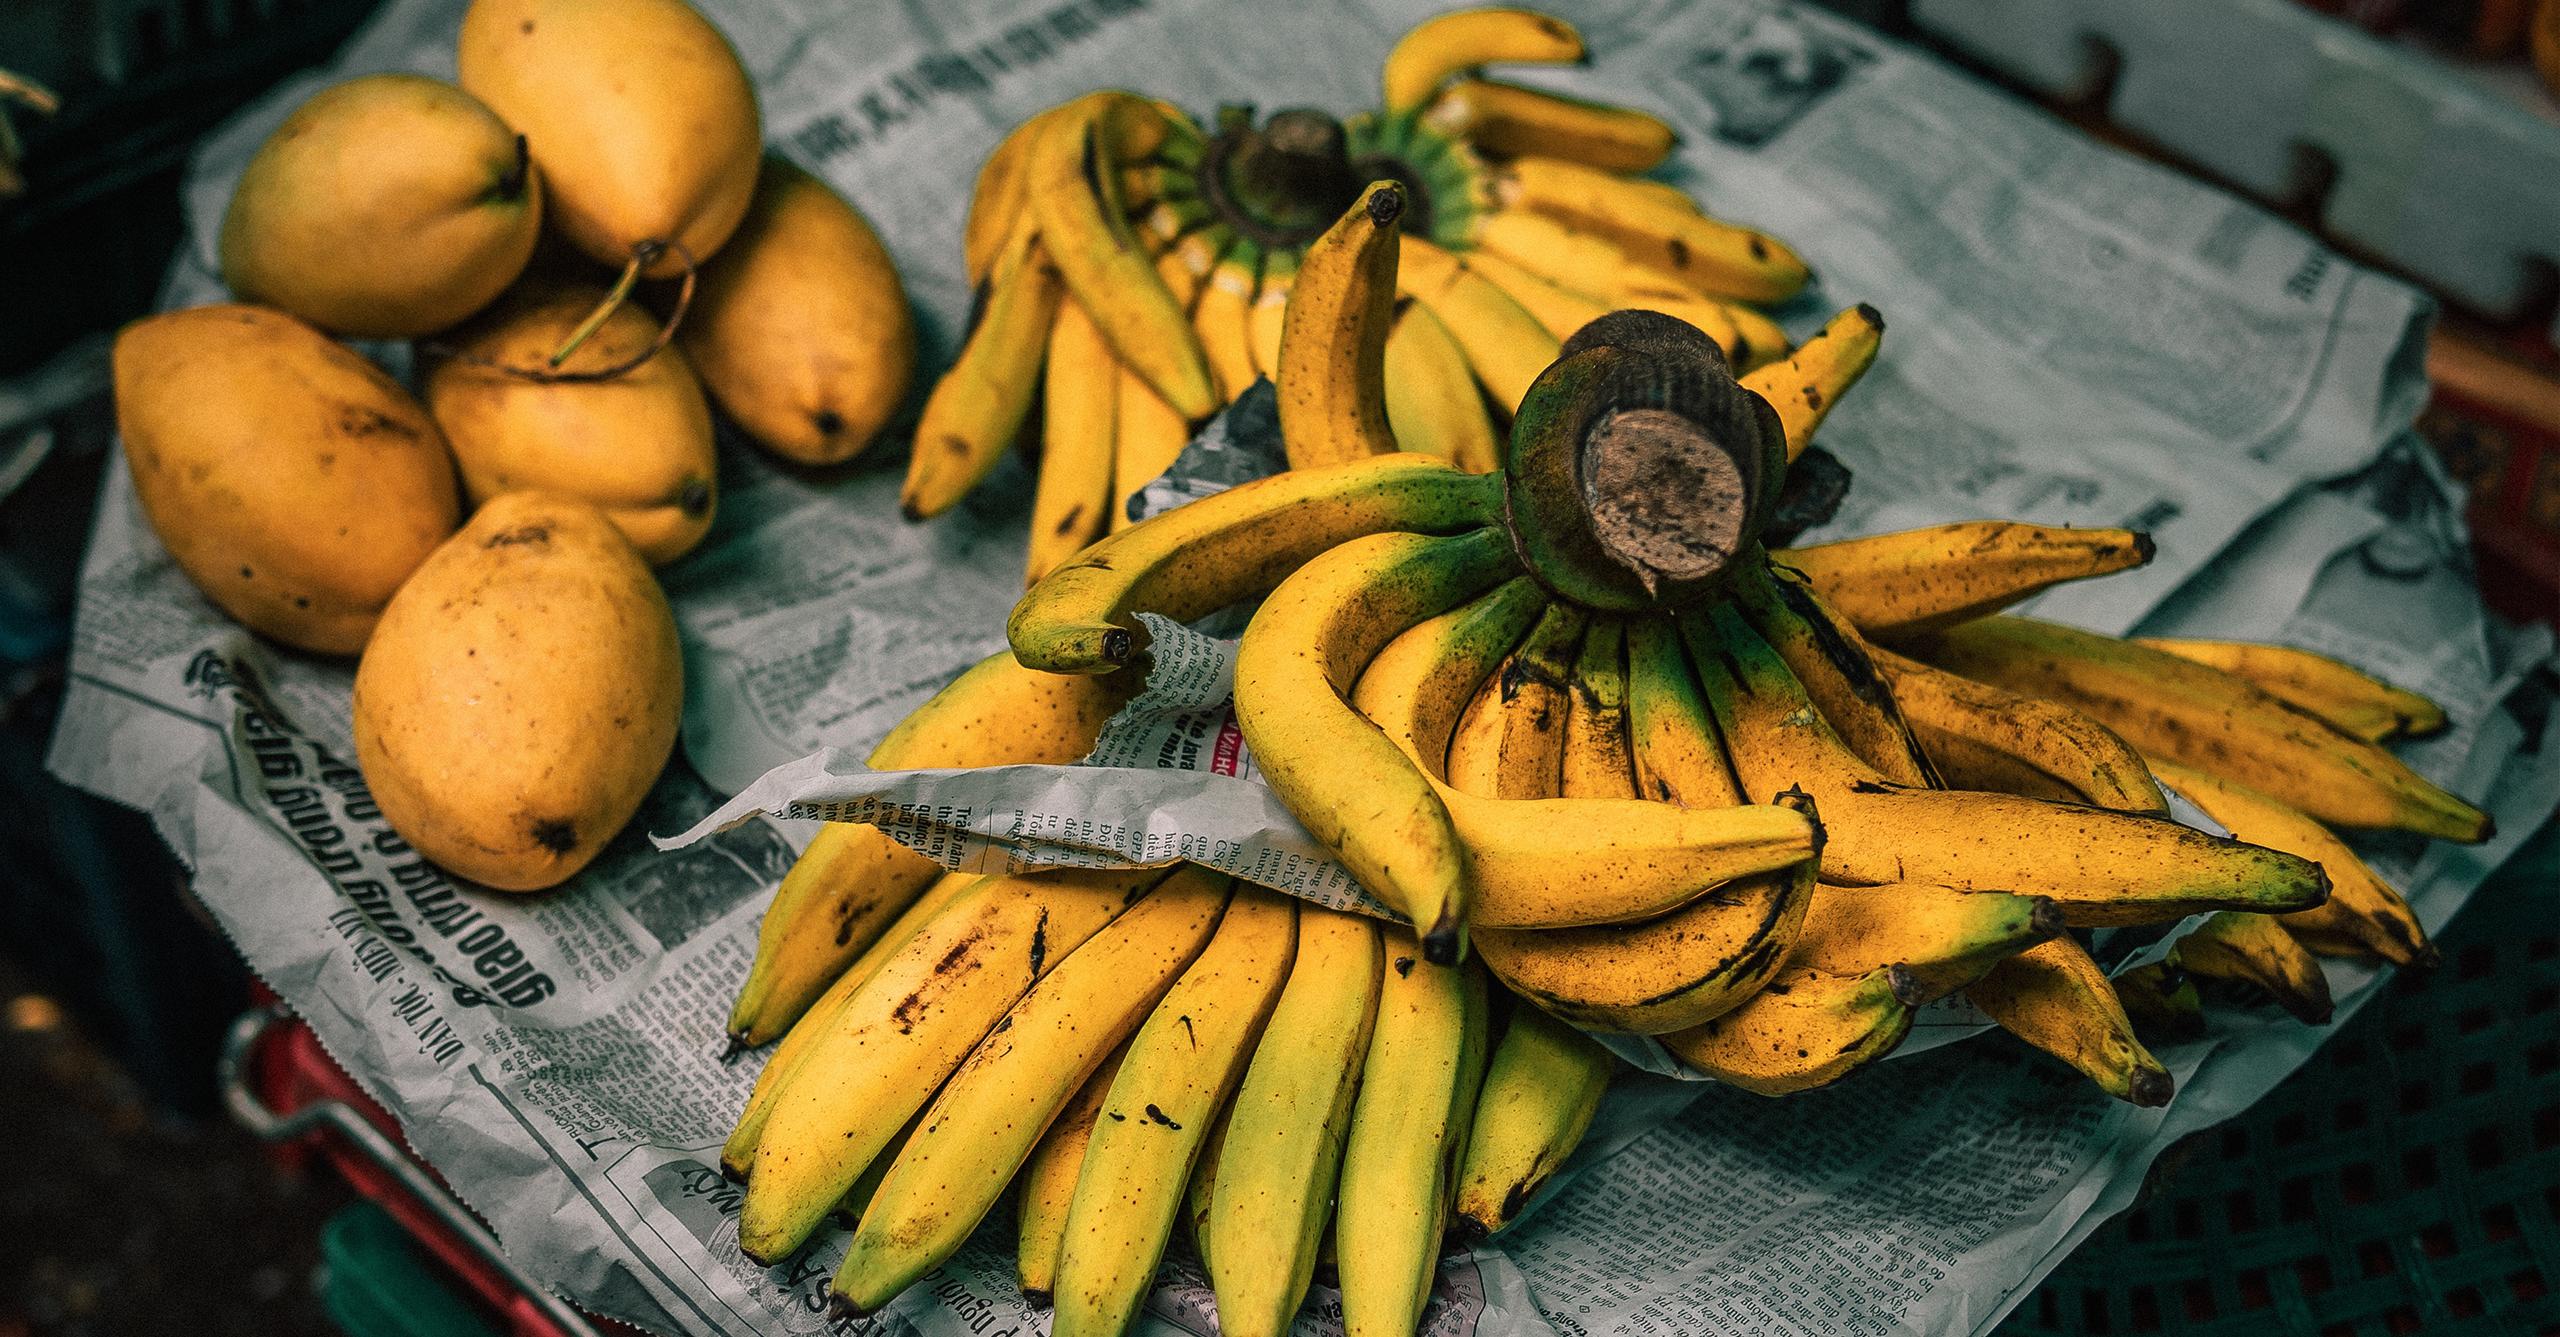 deporte, alimentos, nueces, chía, humus, leche de soja, plátanos, espinacas